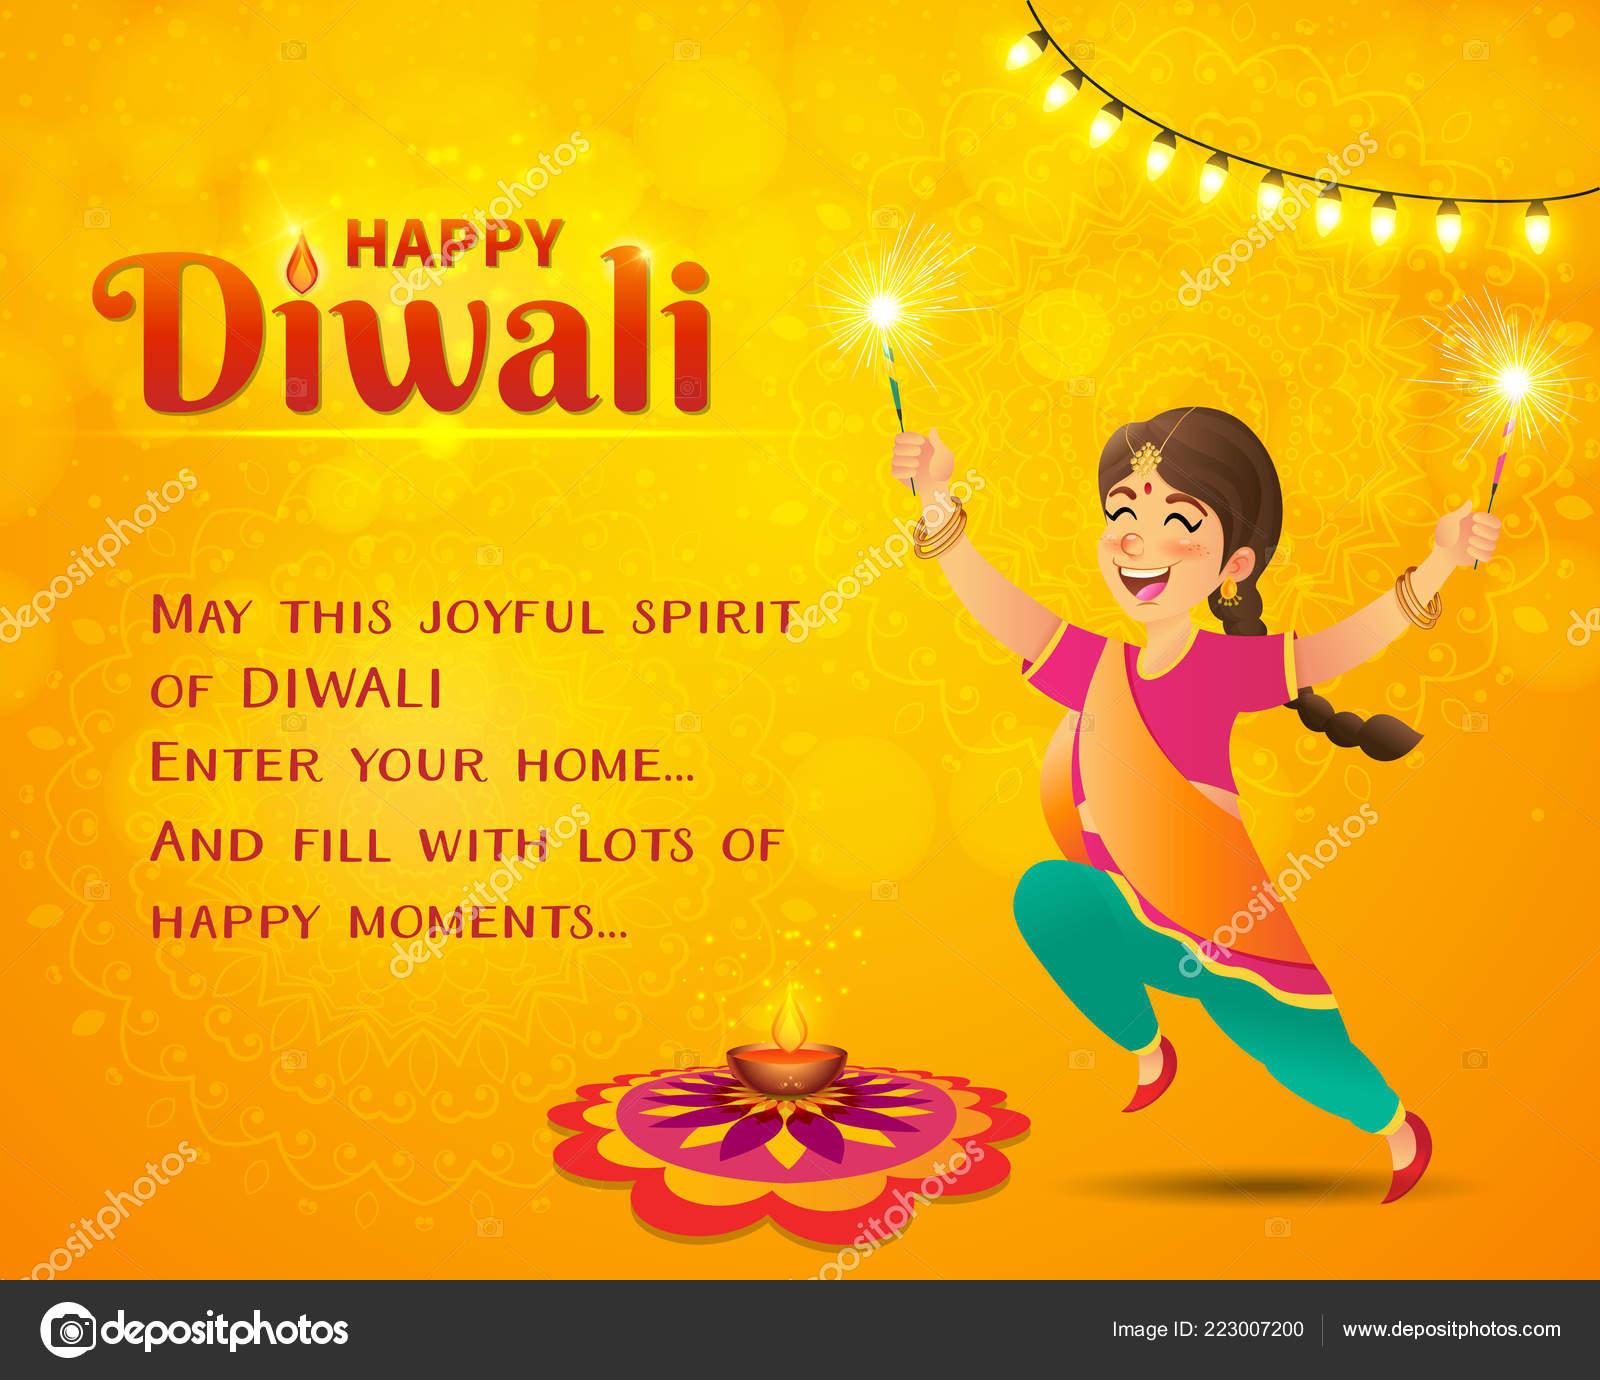 Kartu Ucapan Selamat Tinggal Untuk Diwali Gadis India Kartun Lucu Stok Vektor C Augustdesign 223007200